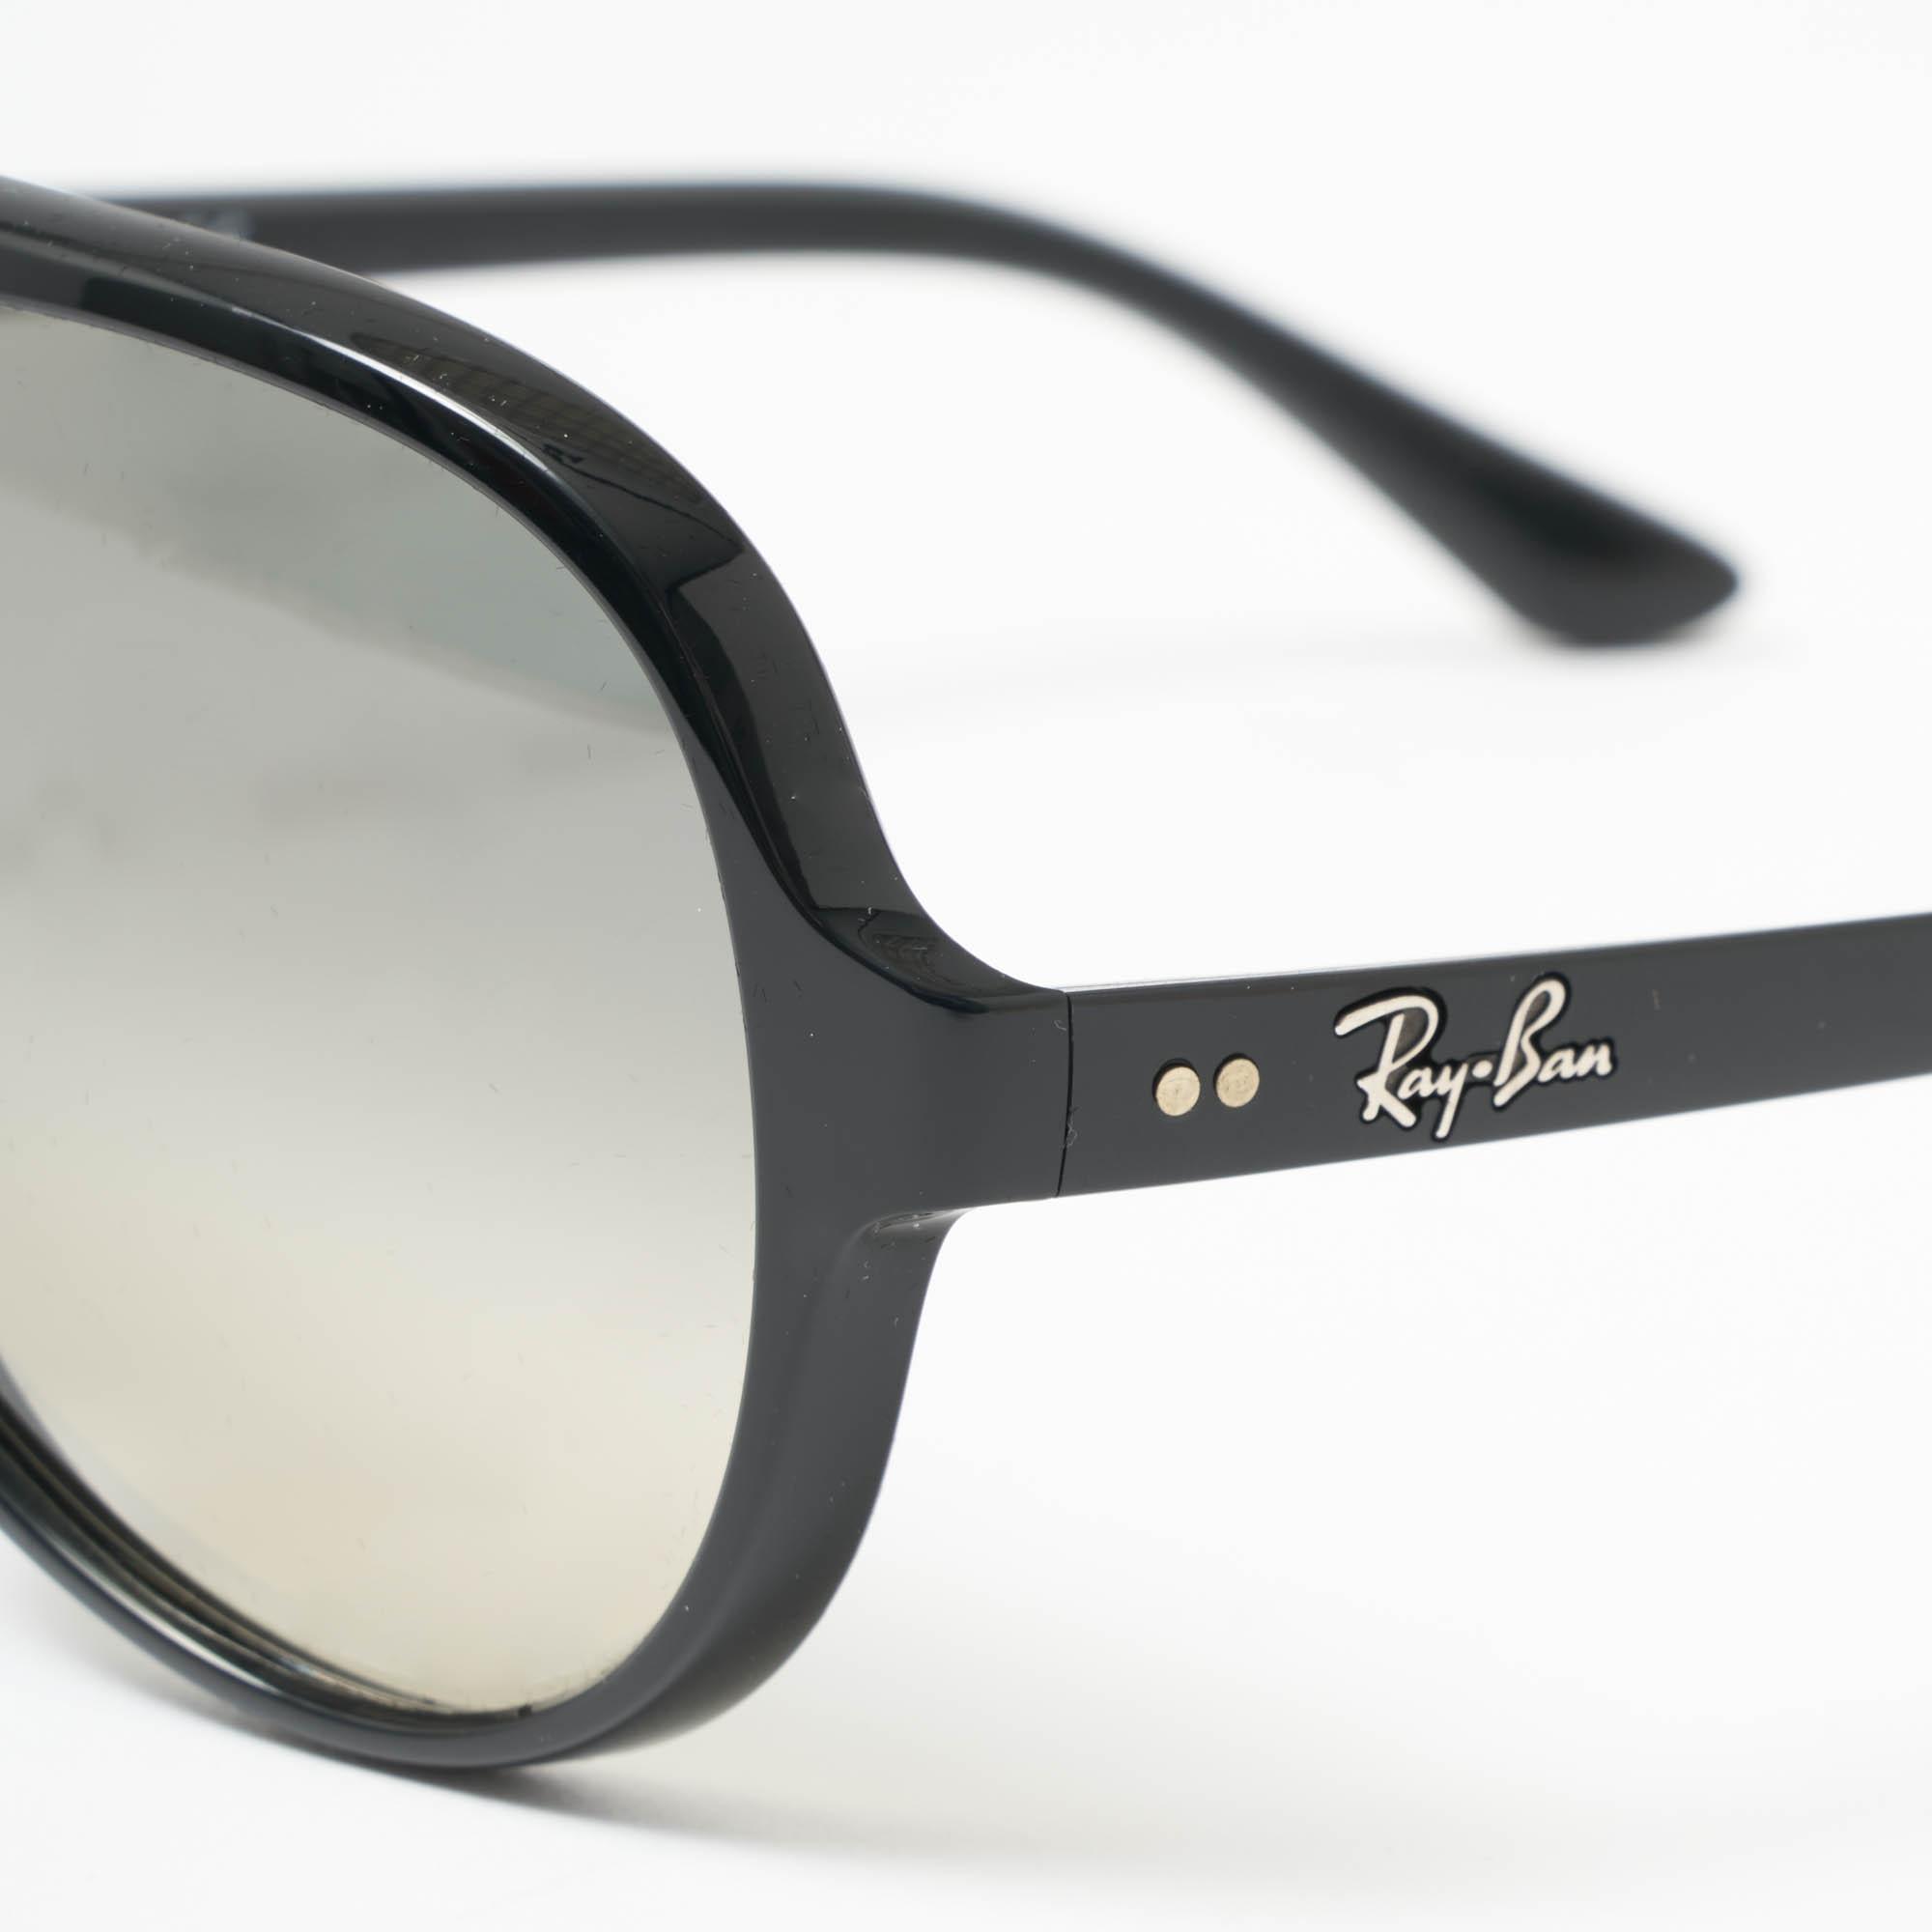 7b4b8d31ff Black Cats 5000 Classic Sunglasses - Light Grey Gradient Lenses